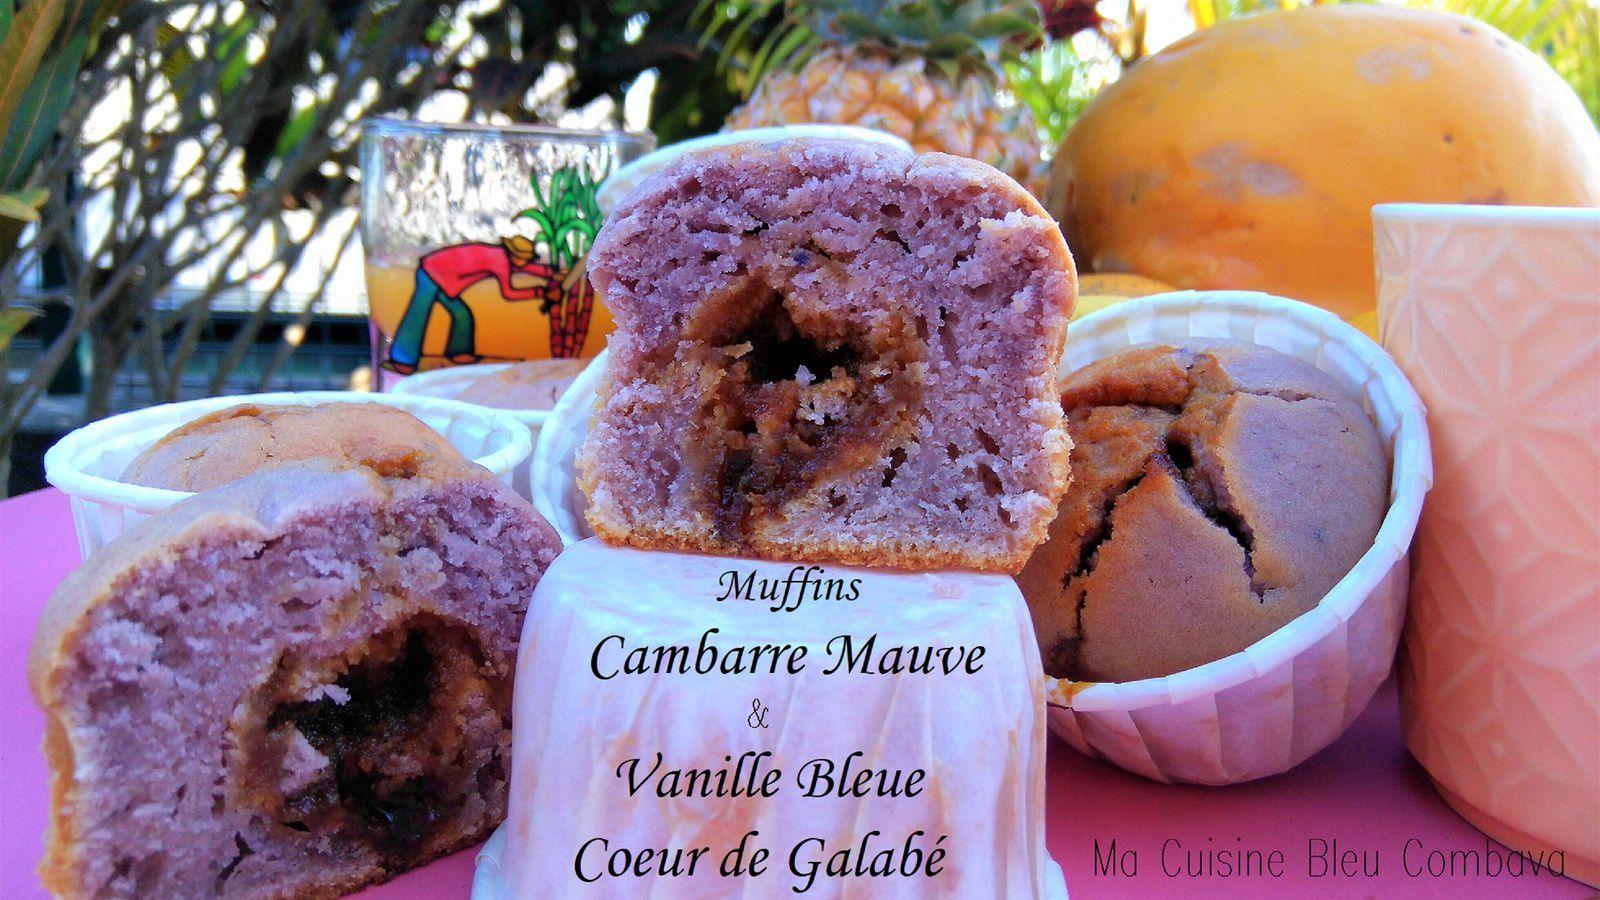 Muffins au Cambarre Mauve & Vanille Bleue, Coeur de Galabé #semaine créole 2017 #somén kréol 2017